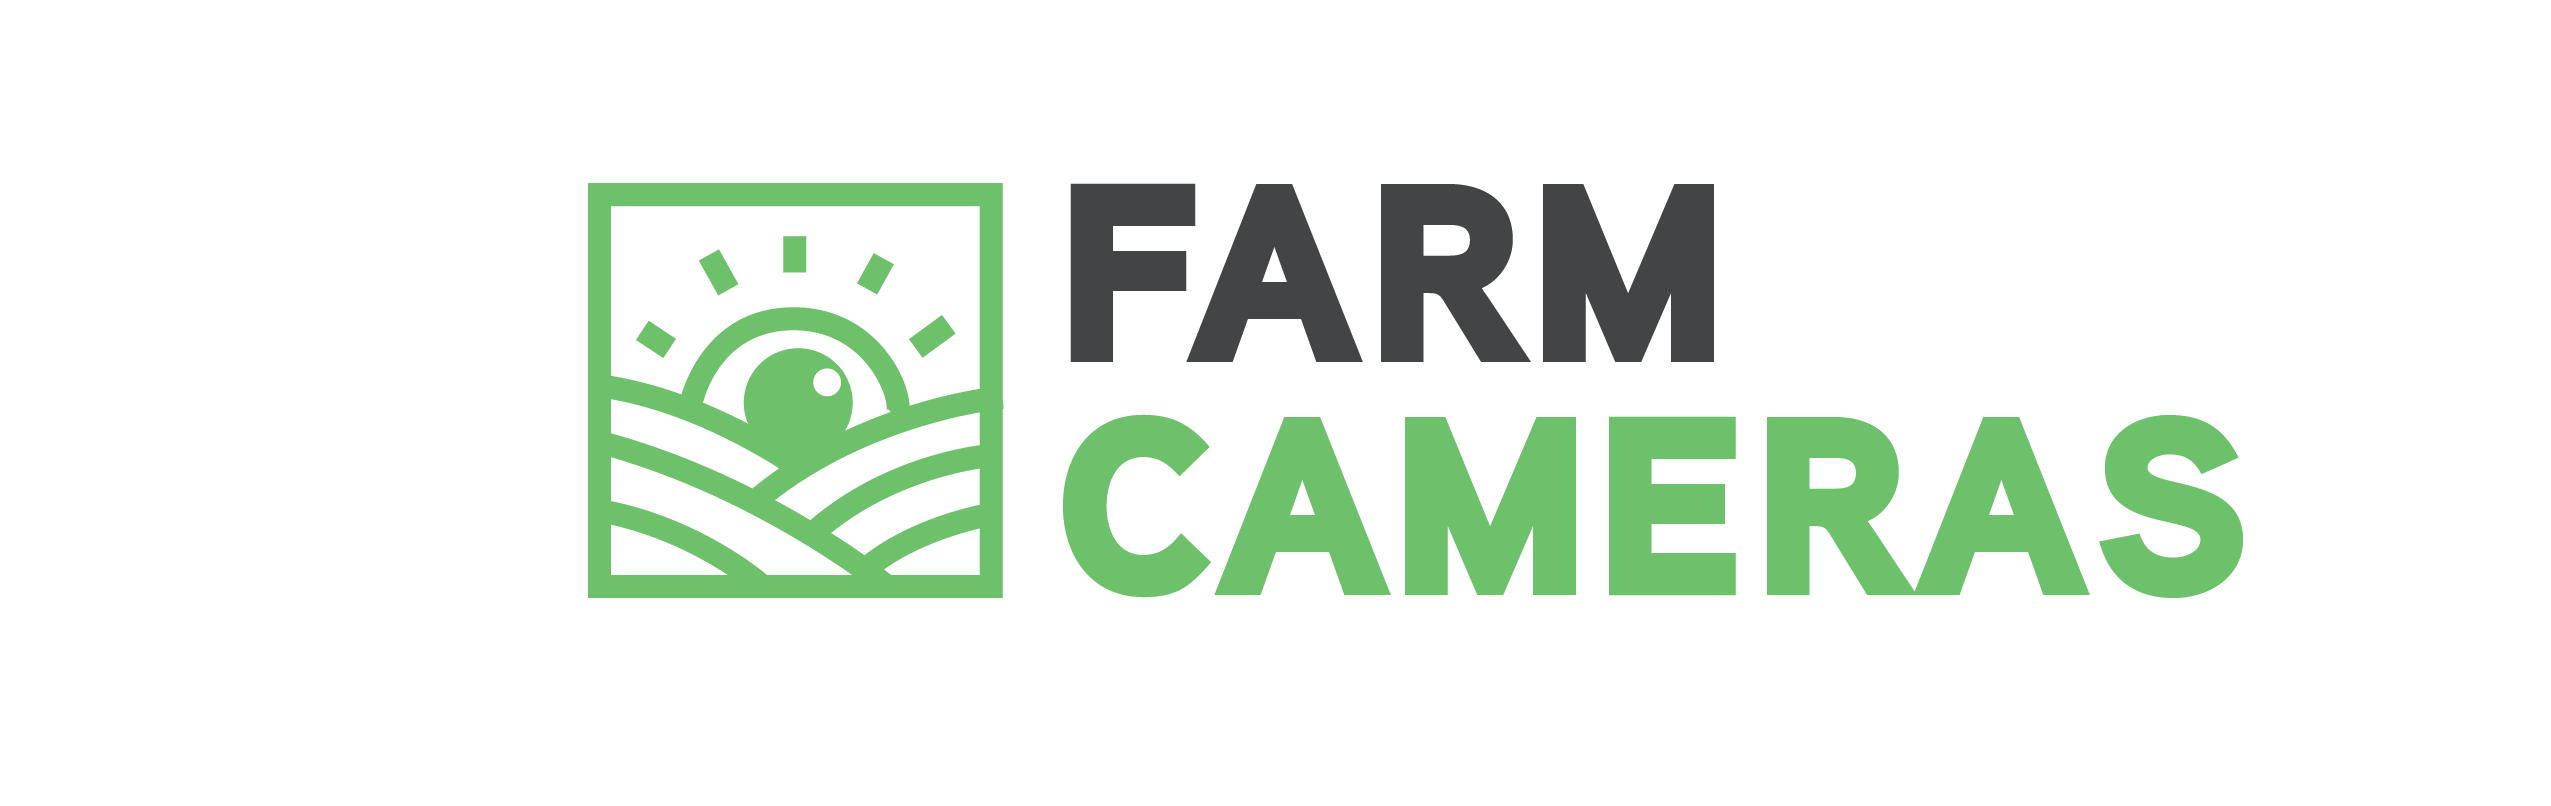 Farm Cameras